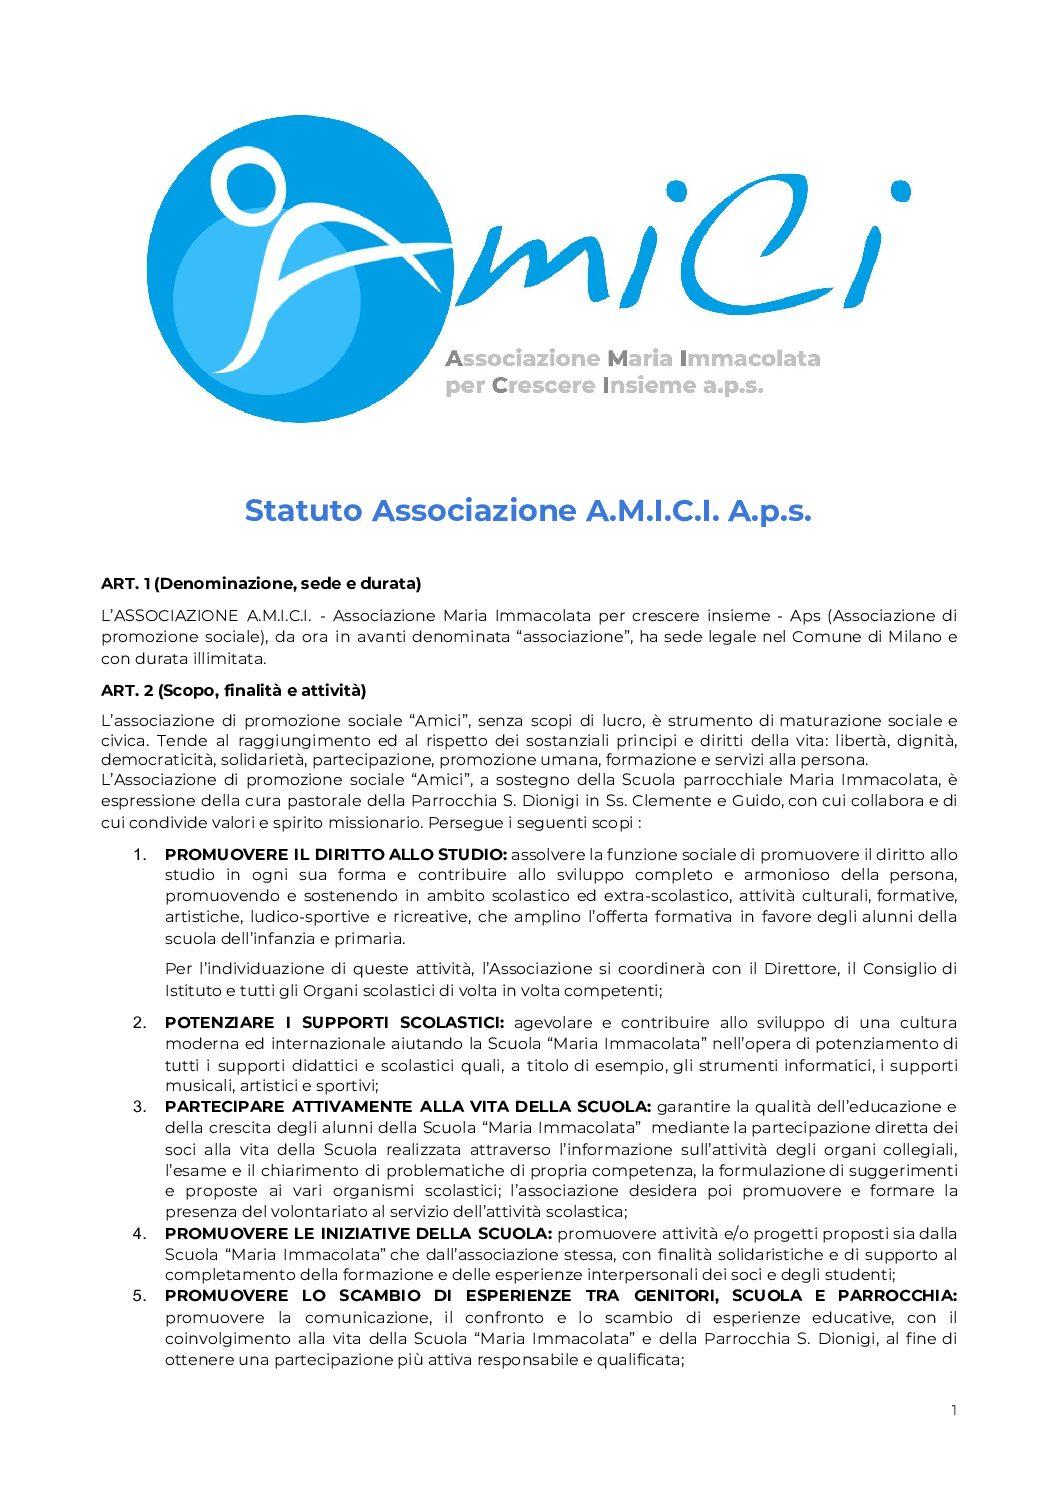 Statuto Associazione A.M.I.C.I.